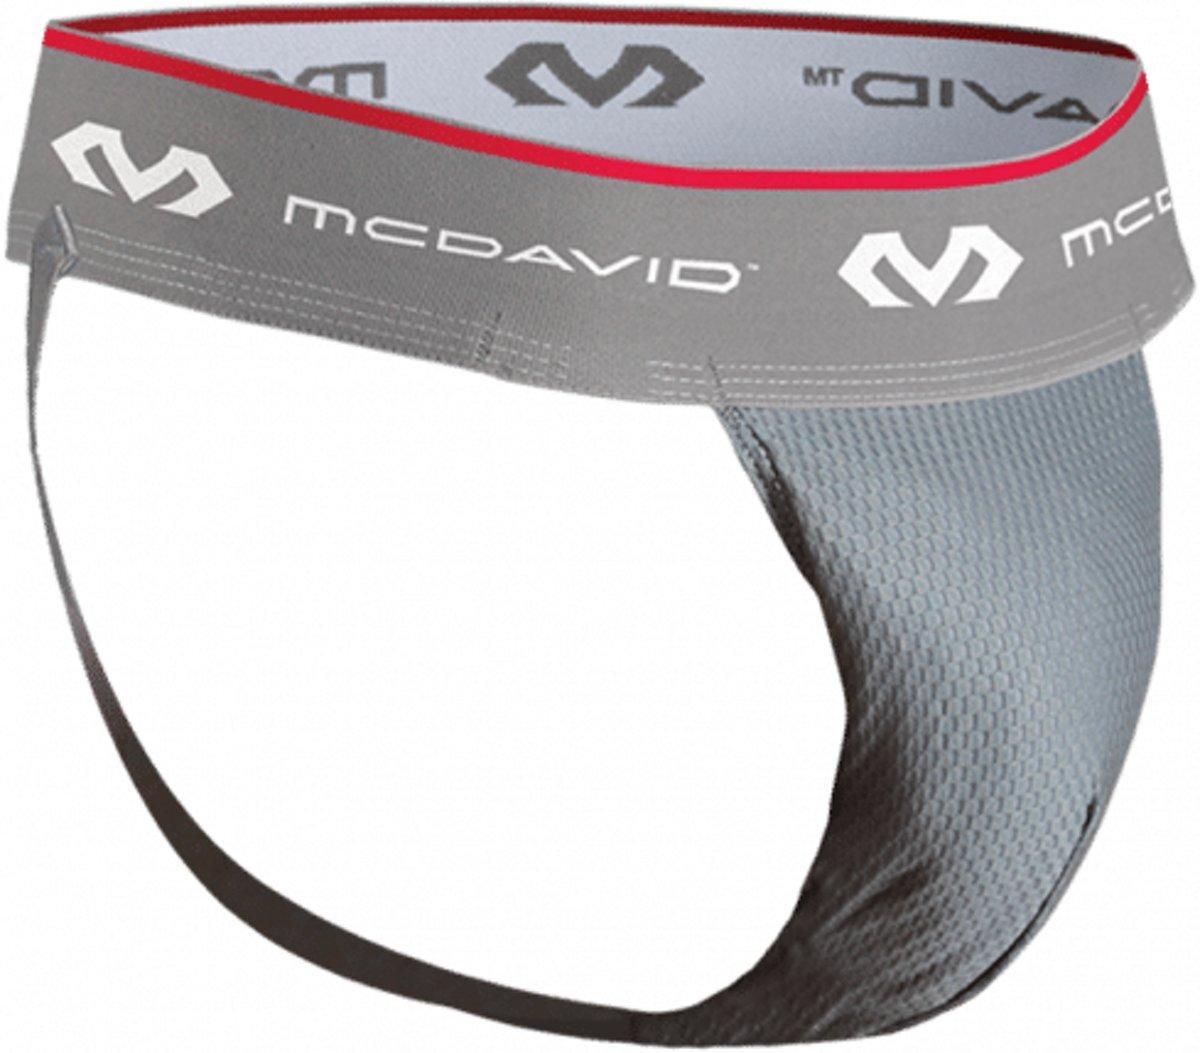 McDavid 3300 - Atletische Supporter - Grijs - Small